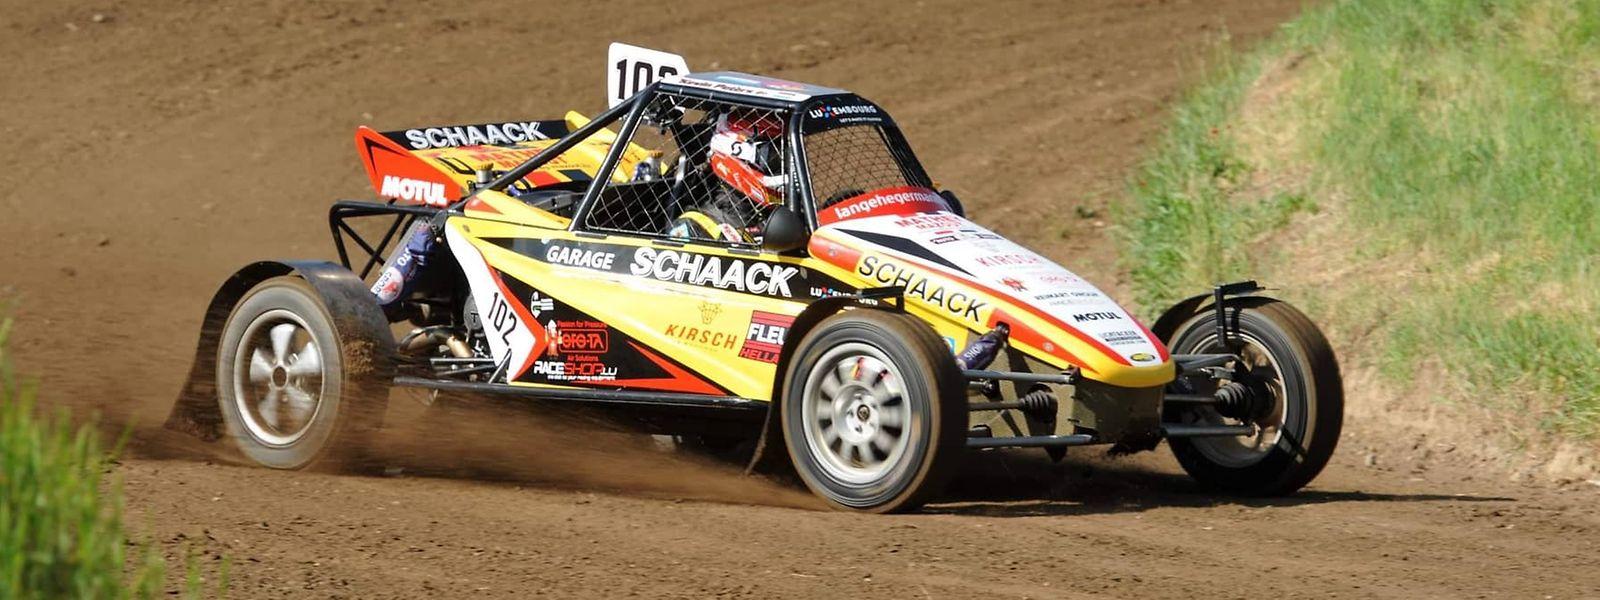 Avec un nouveau moteur sur sa Triumph, Kevin Peters a réussi à grappiller 17 points ce week-end à Seelow